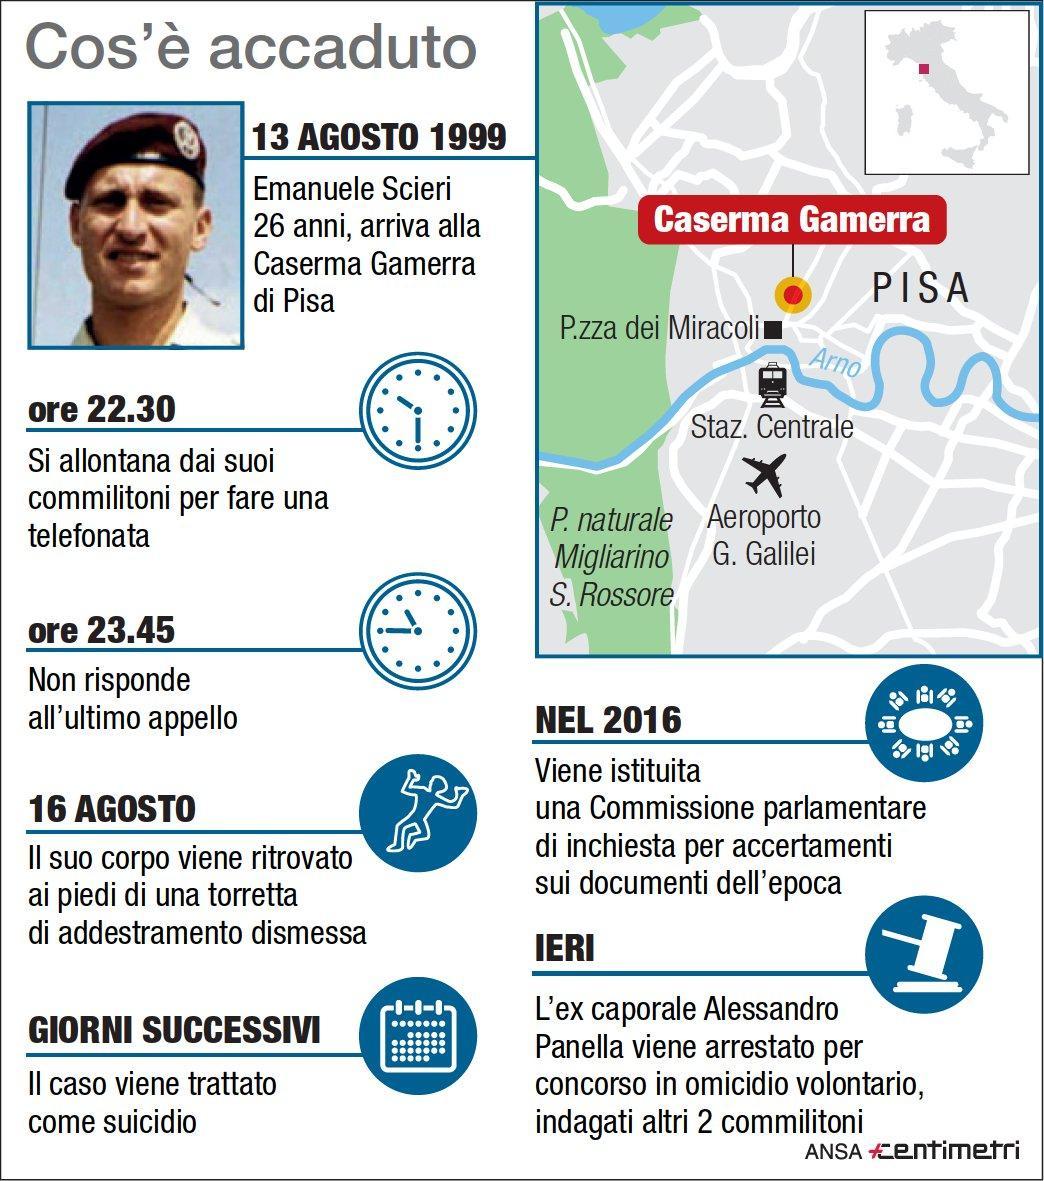 Pisa, parà morto nel 1999: il caso di Emanuele Scieri